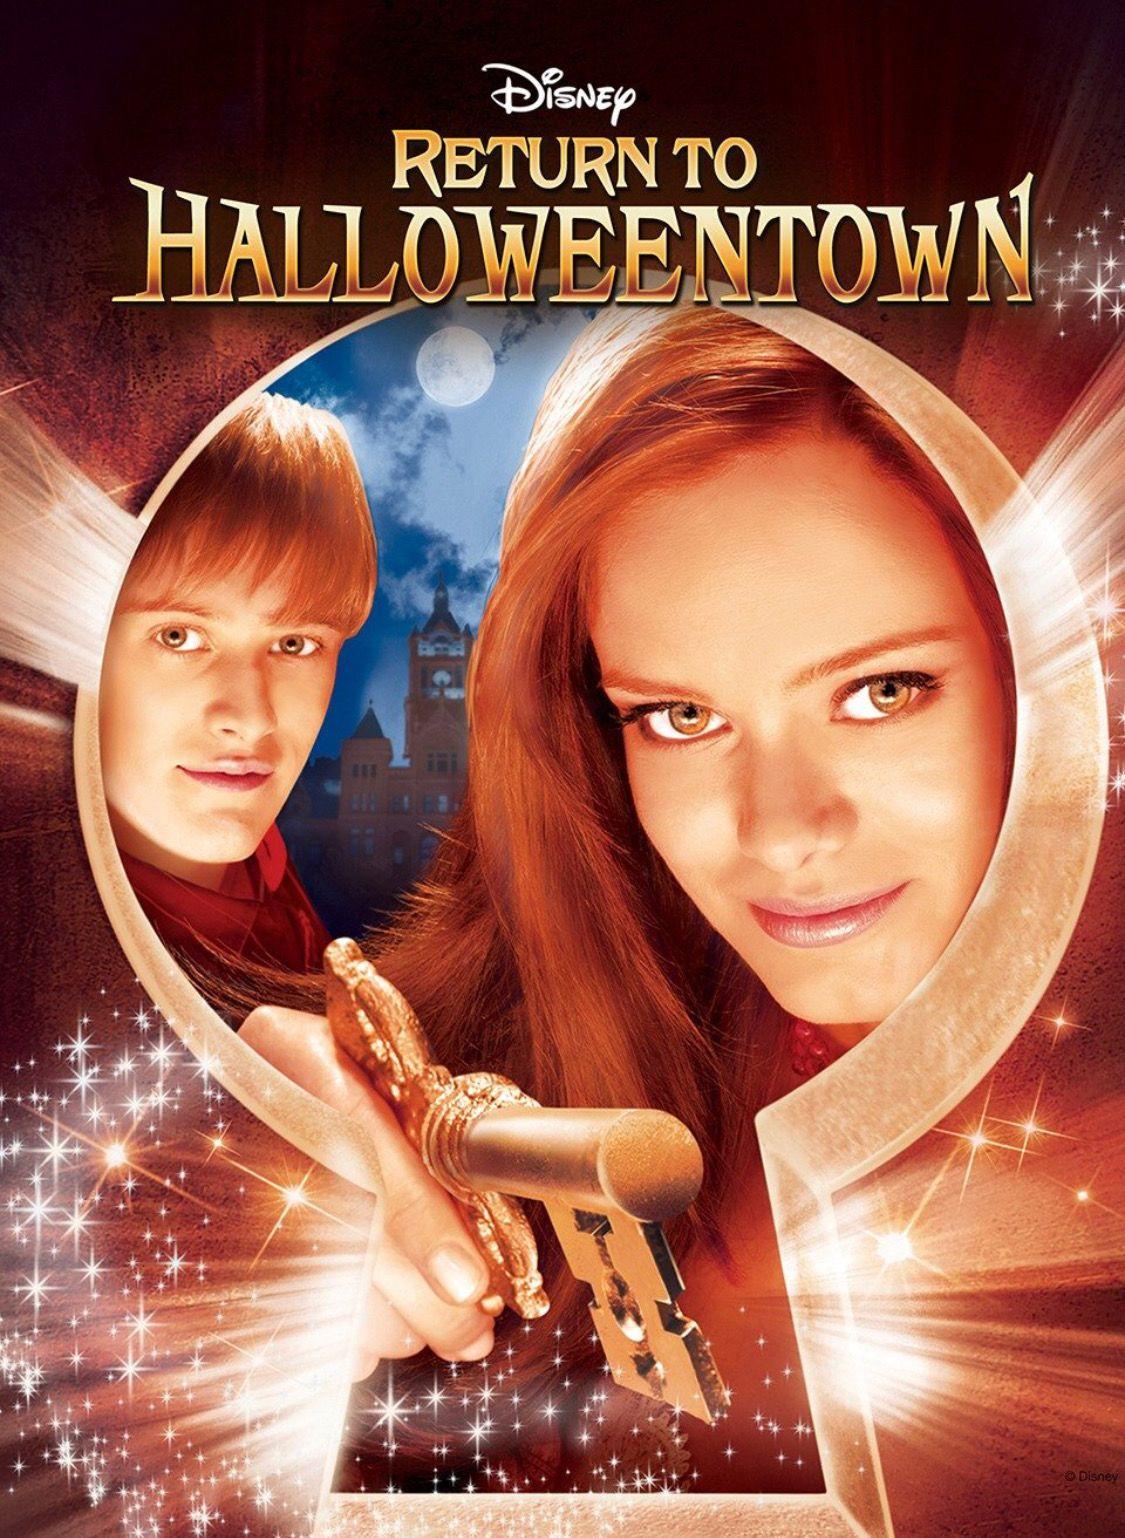 Pin by Lori on Fall & Halloween Movies! Halloween town